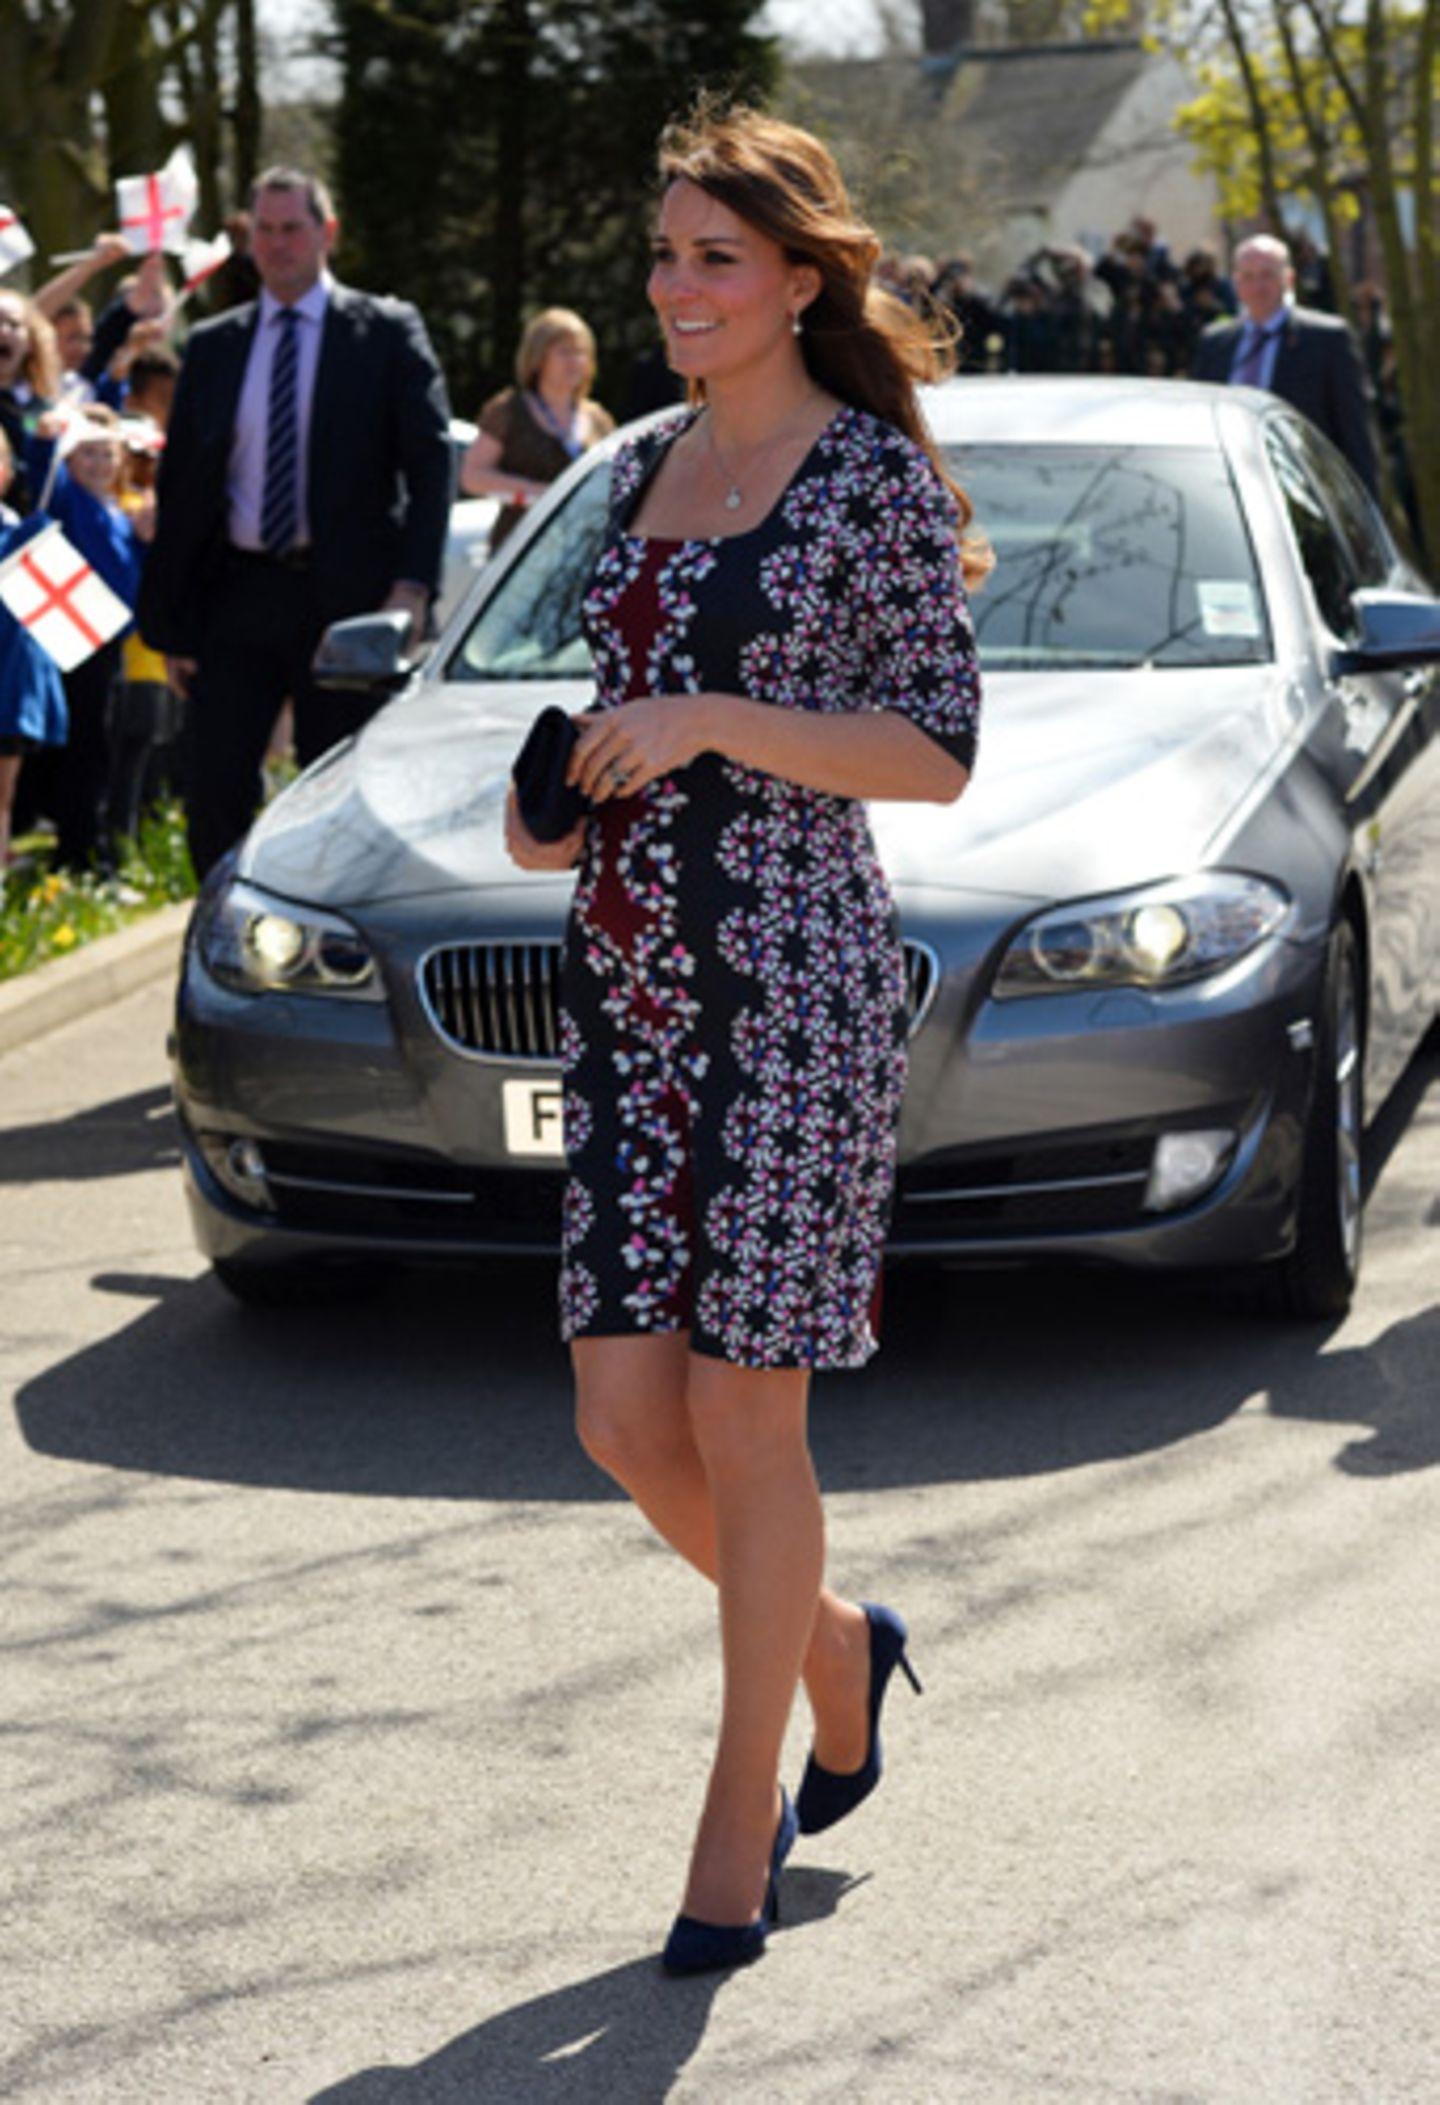 An einem sonnigen Tag in Manchester zeigte sich Kate Middleton in einem Kleid mit grafischem Muster.